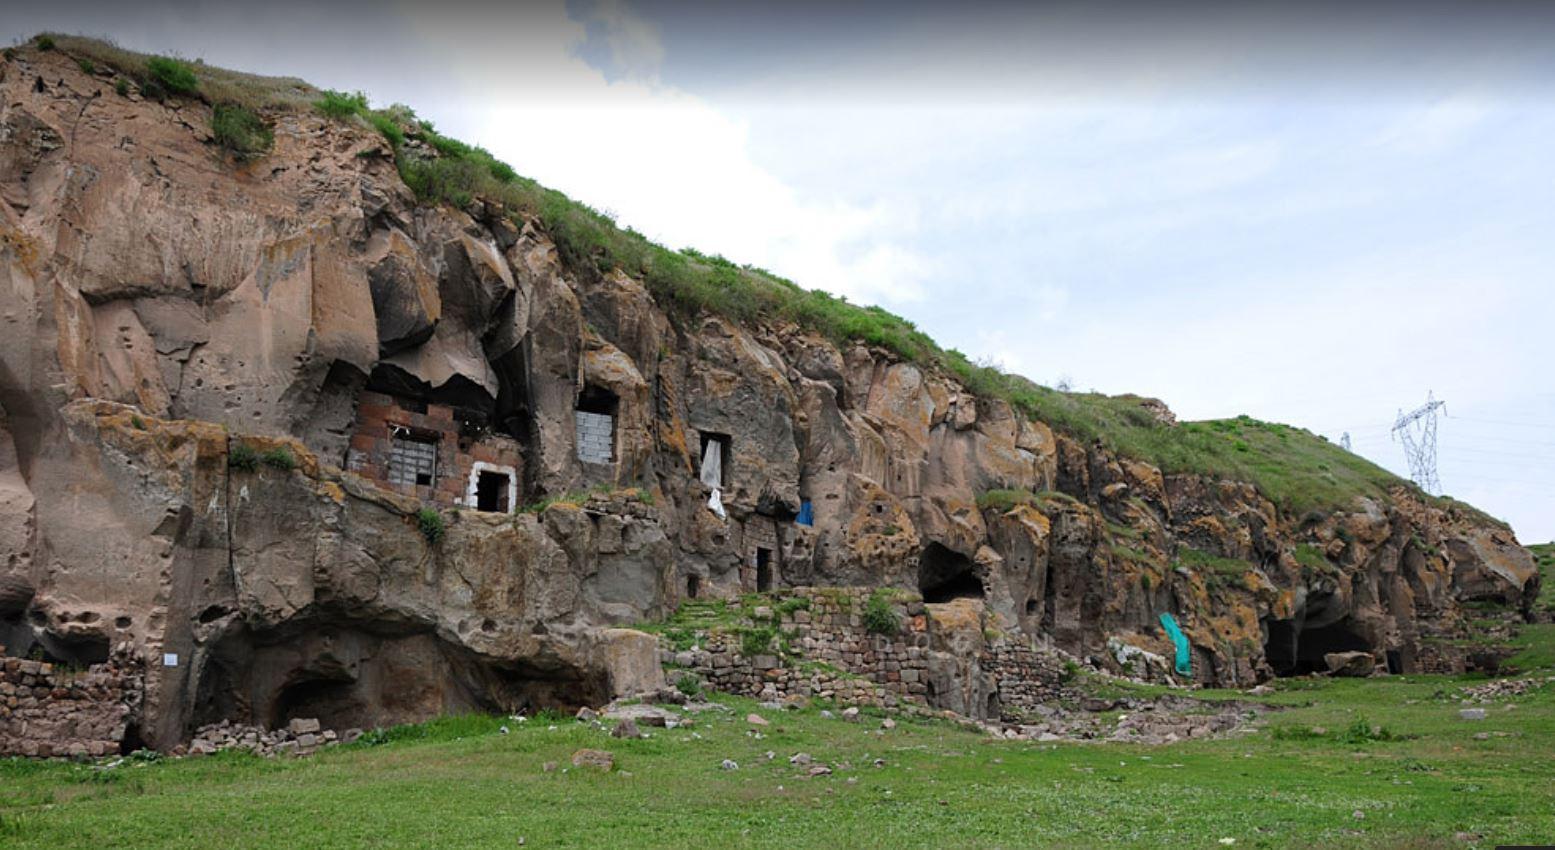 Ahlat 'ta Gezilecek Yerler, Harabe Şehir